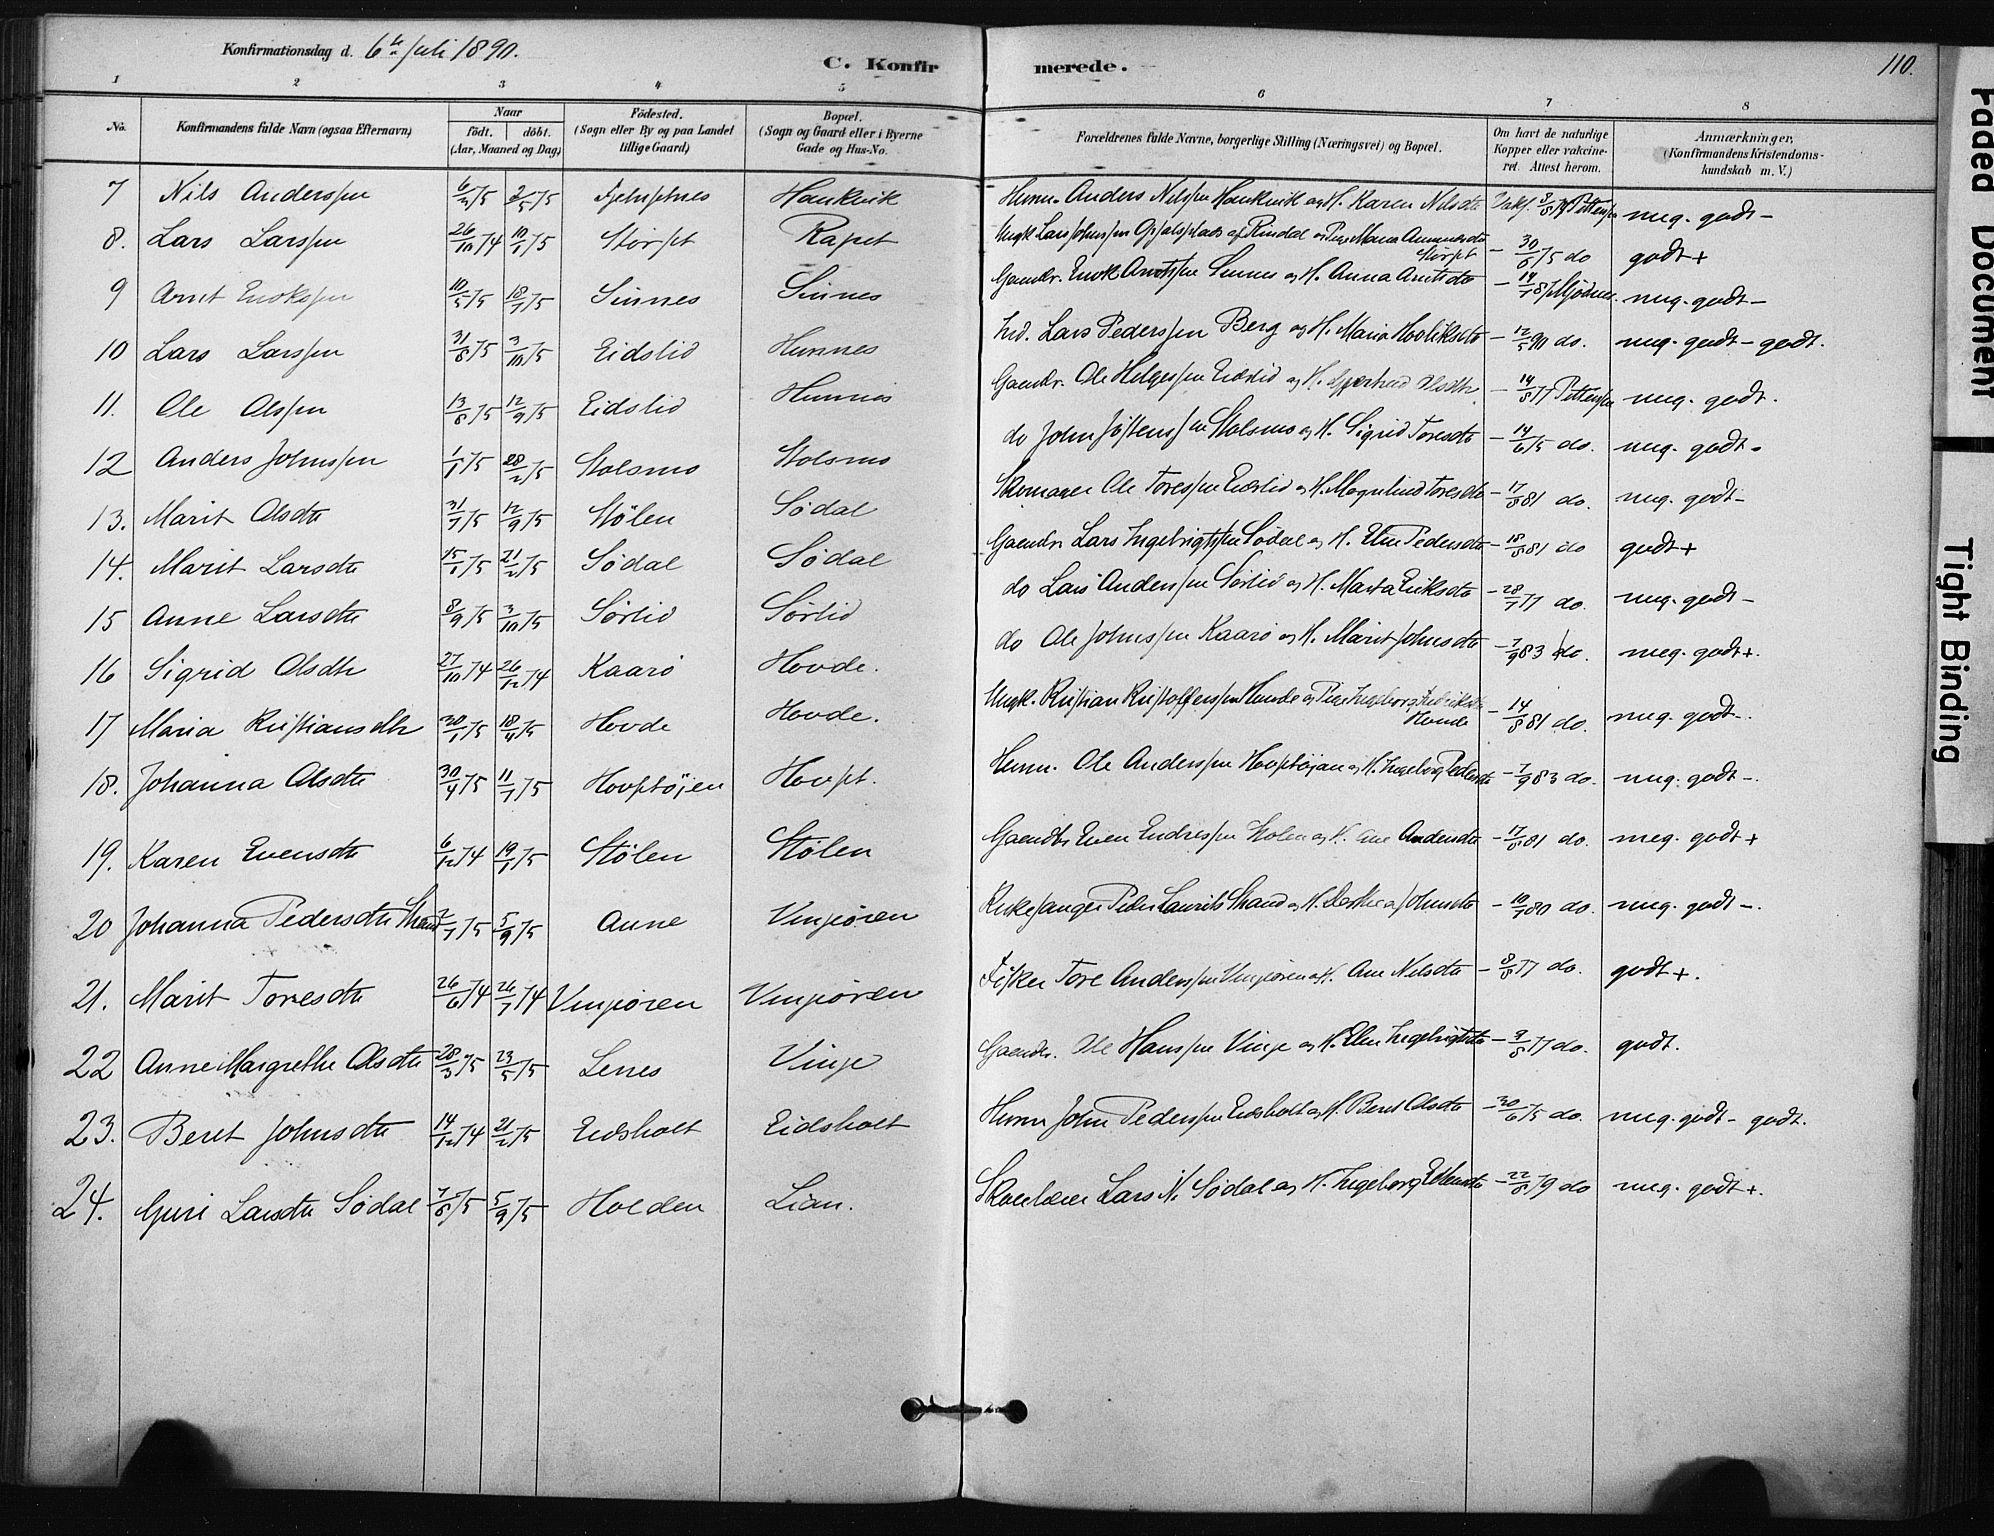 SAT, Ministerialprotokoller, klokkerbøker og fødselsregistre - Sør-Trøndelag, 631/L0512: Ministerialbok nr. 631A01, 1879-1912, s. 110